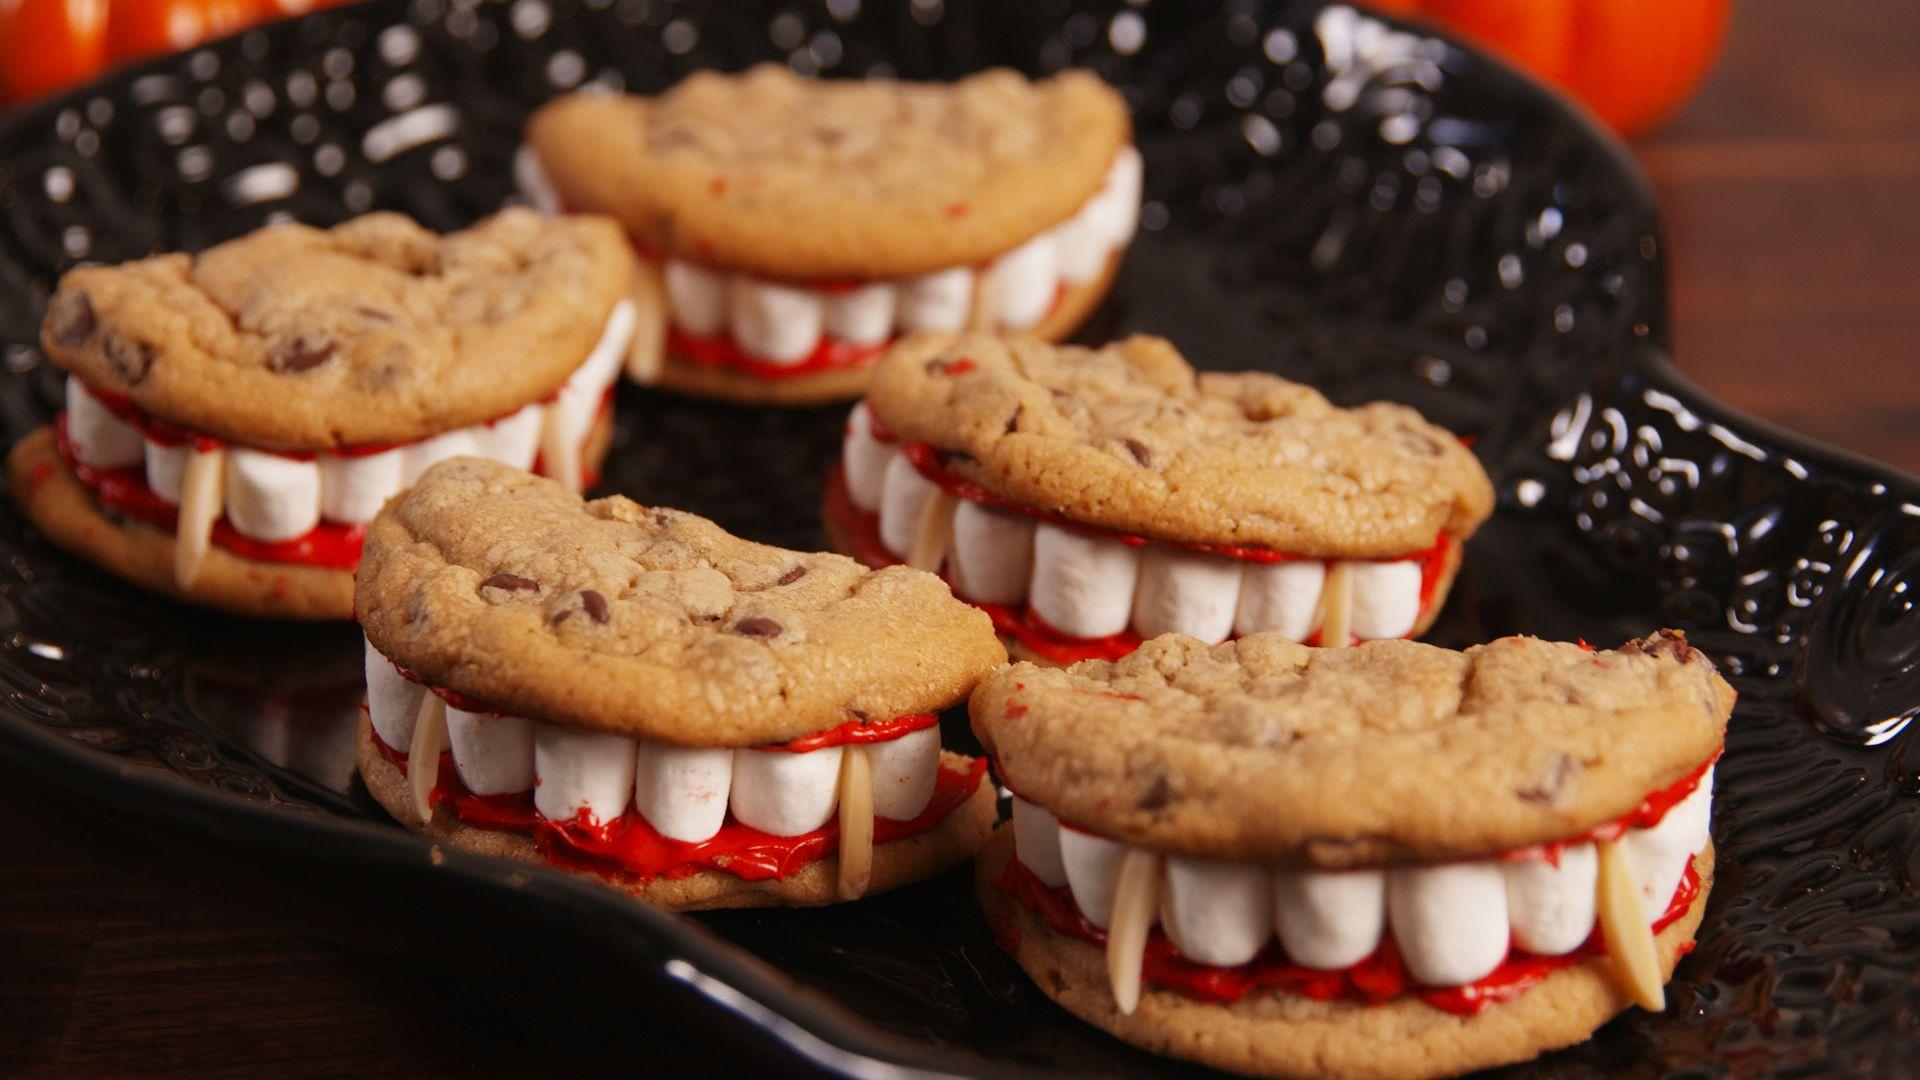 galletas integrales con chocolate, marshmallow y pintura comestible, ideas de recetas terroríficas para un menu halloween cena